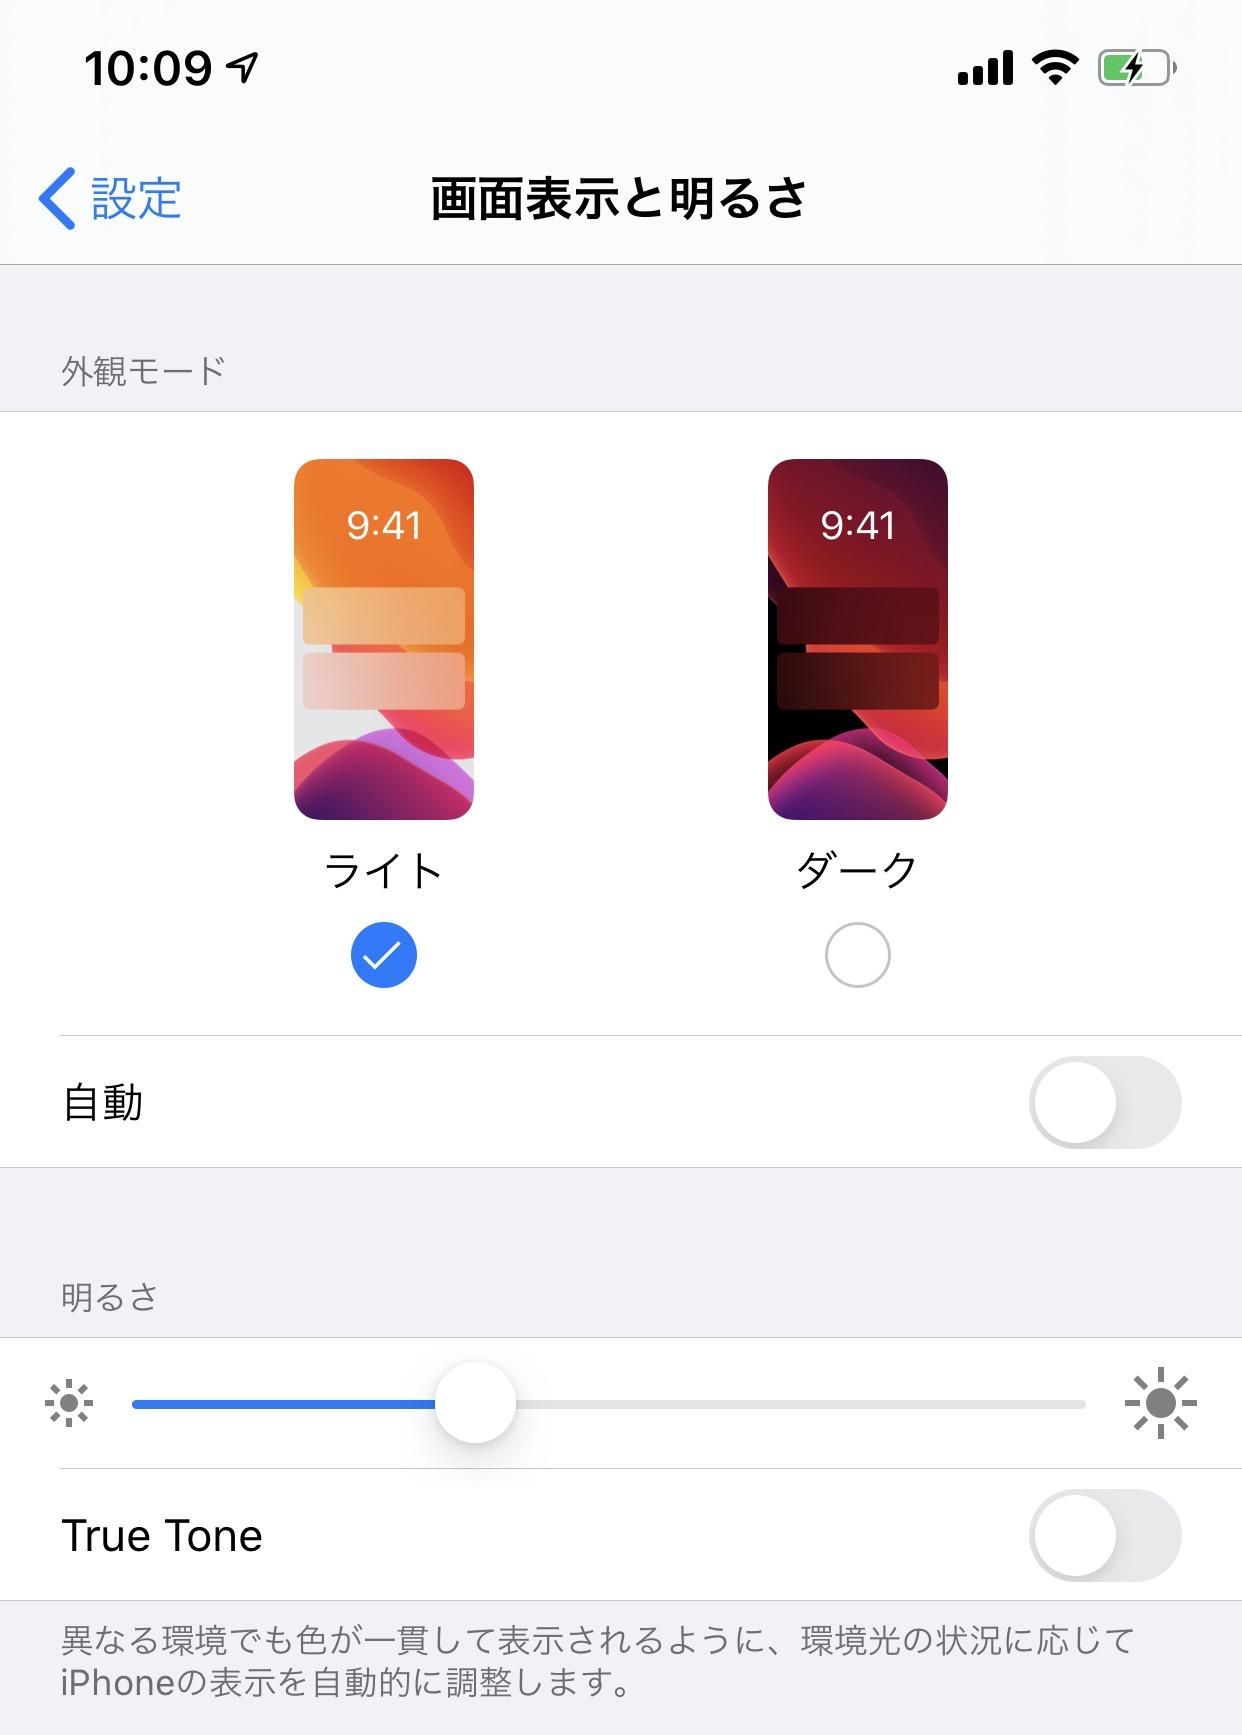 【iOS 13】「ダークモード」でiPhoneのバッテリー駆動時間が大幅に伸びることが判明